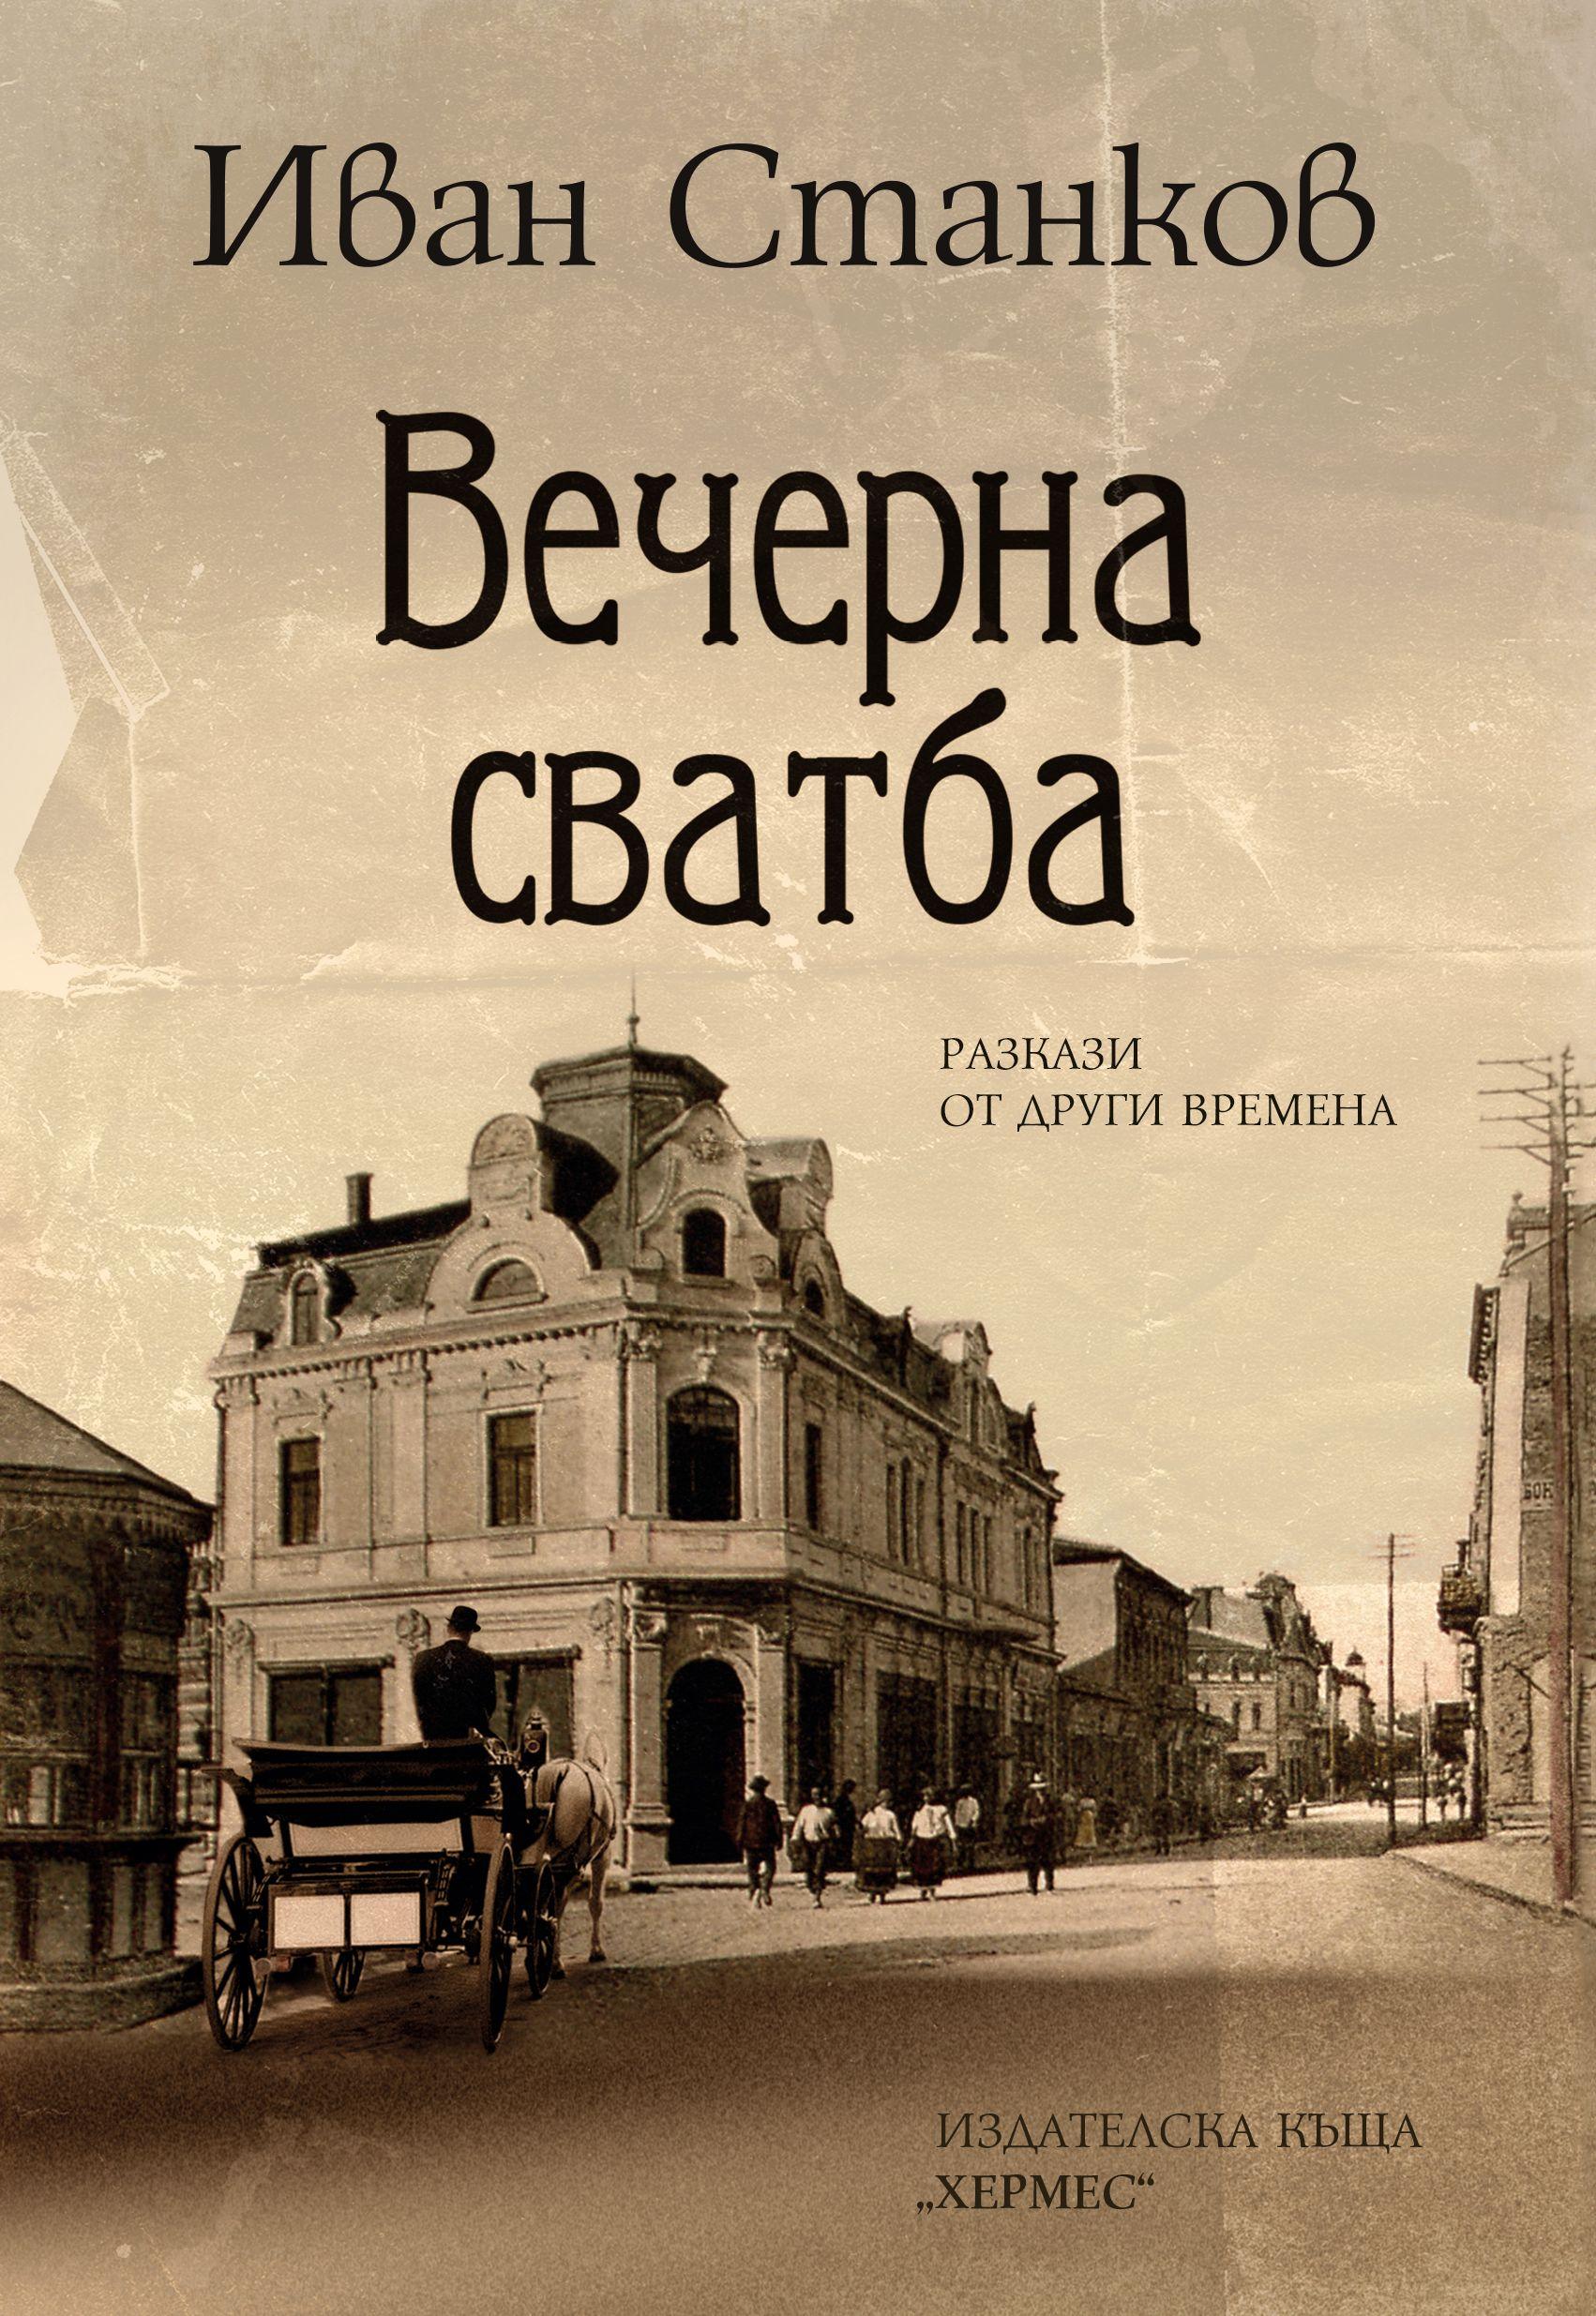 Девет любовни истории от старите хроники оживяват в новата книга на Иван Станков